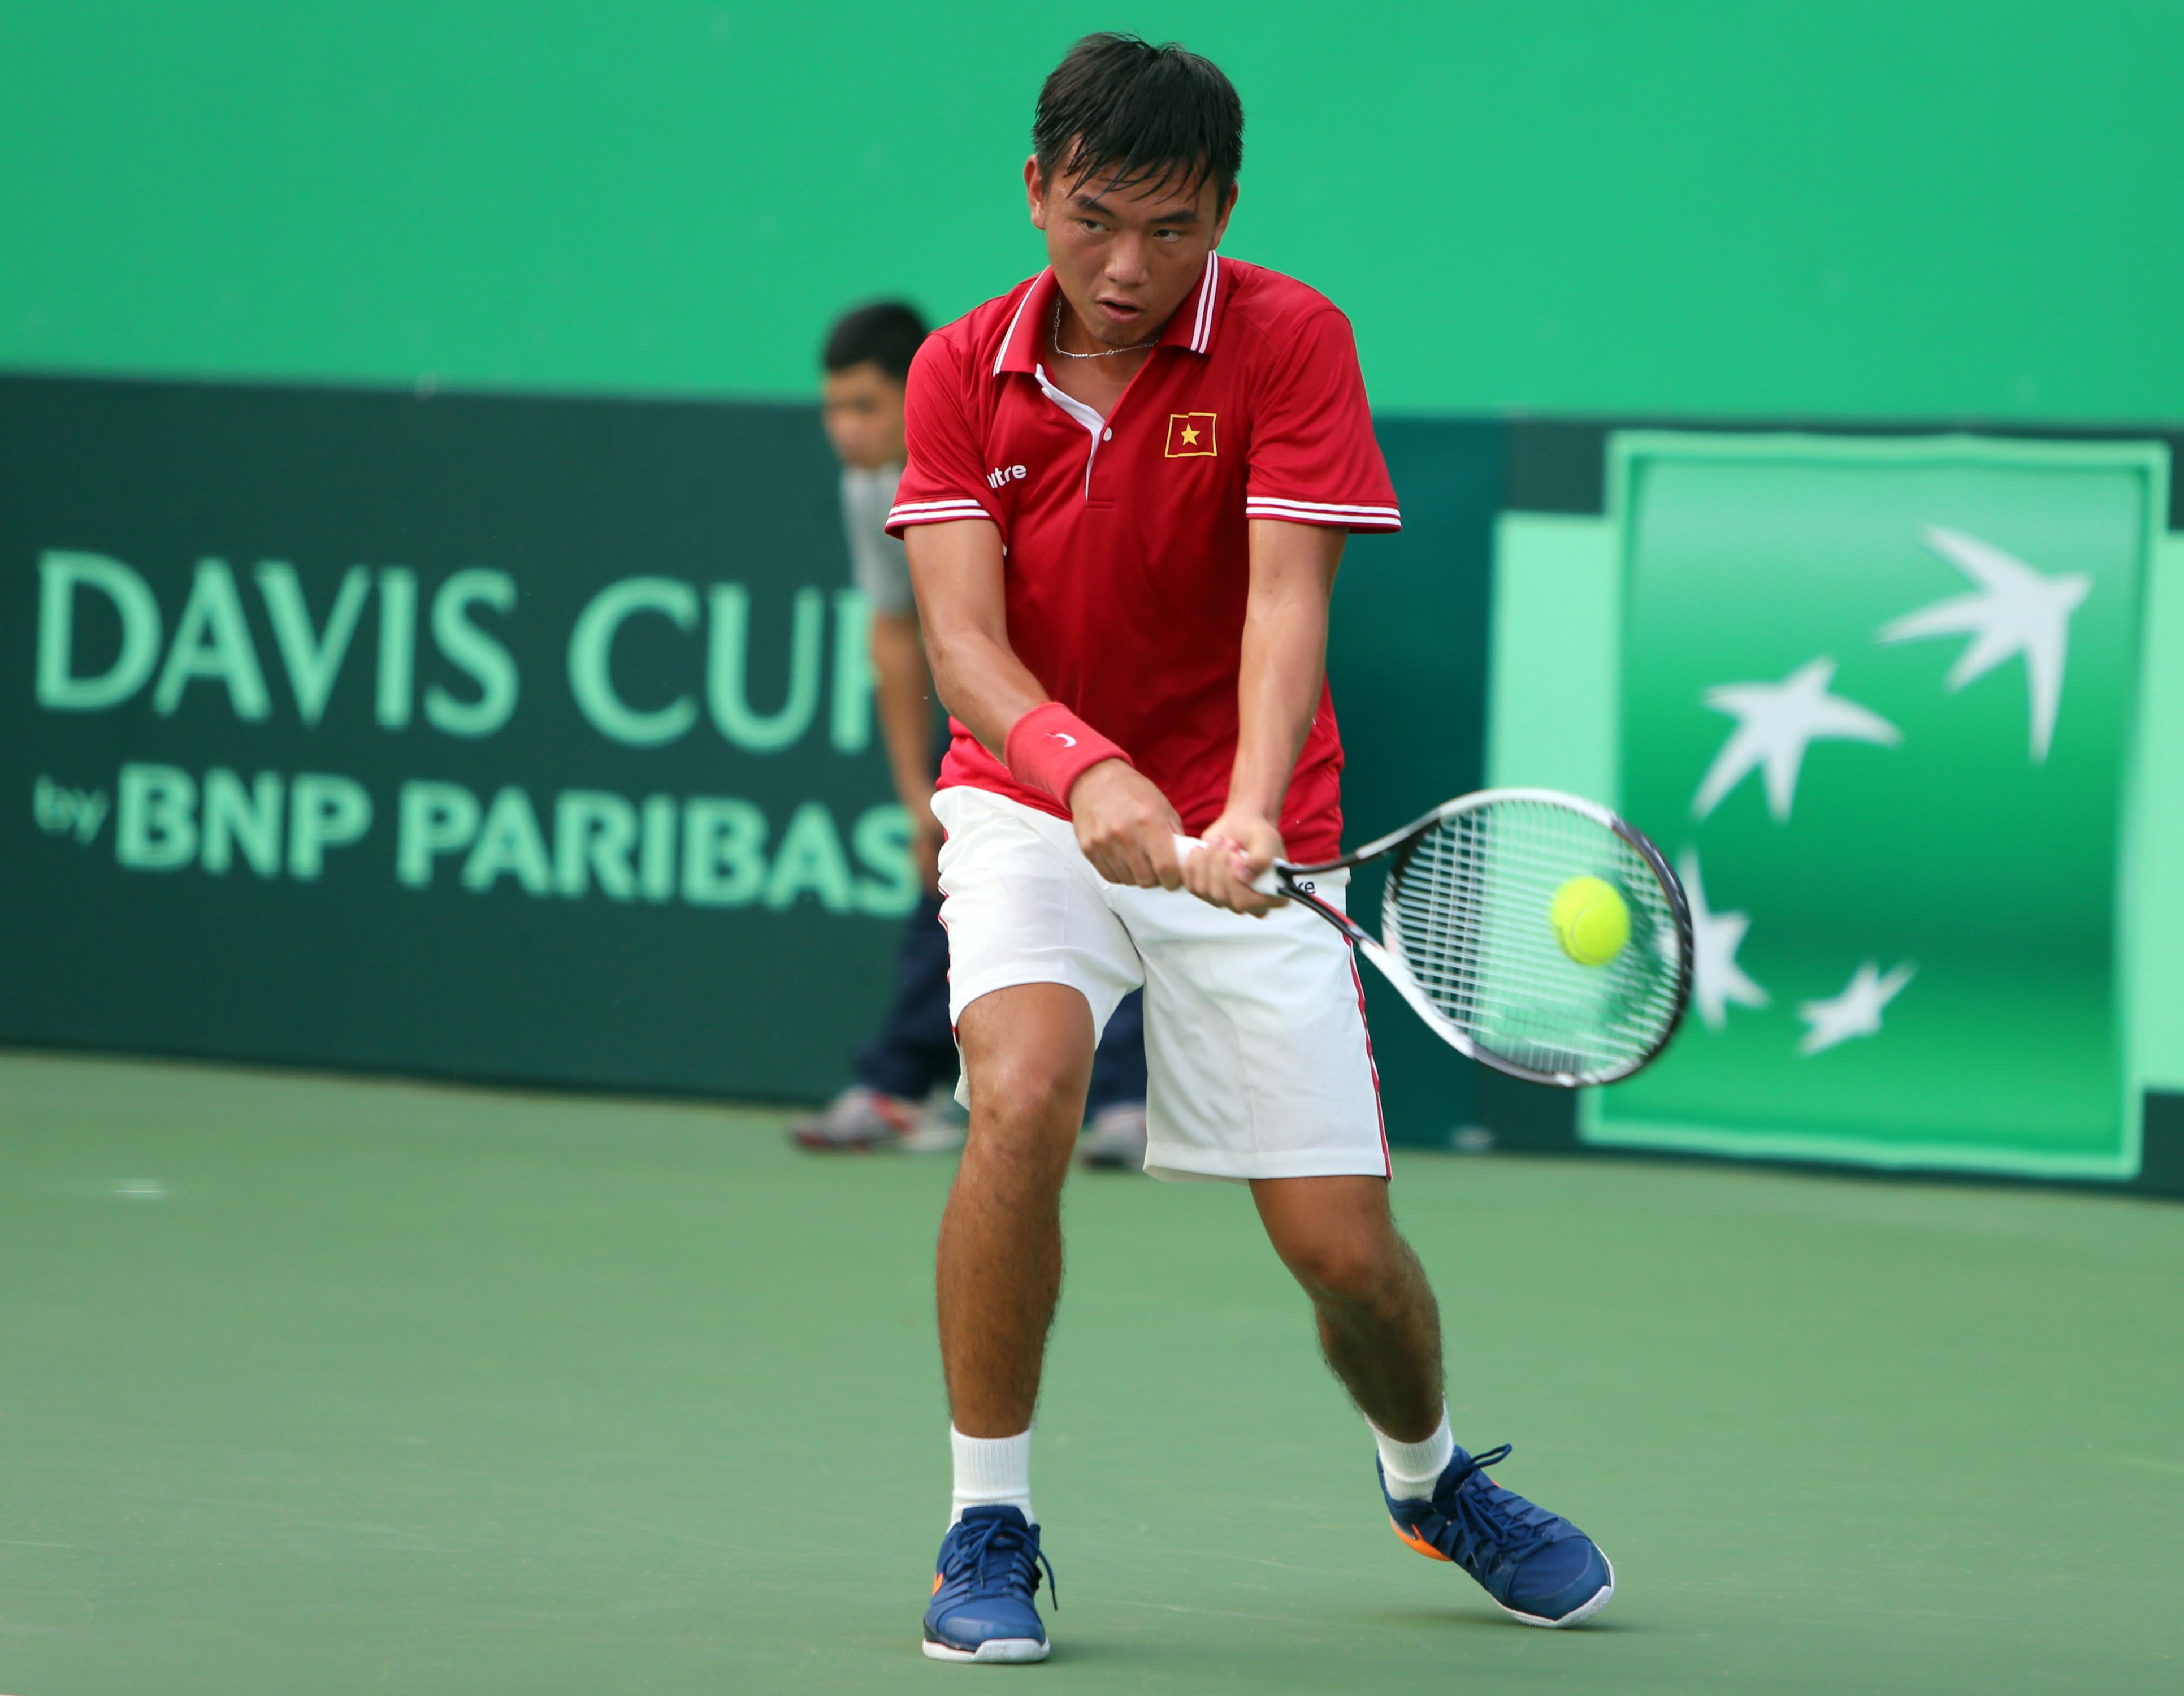 Hoàng Nam duy trì phong độ tốt từ Davis Cup